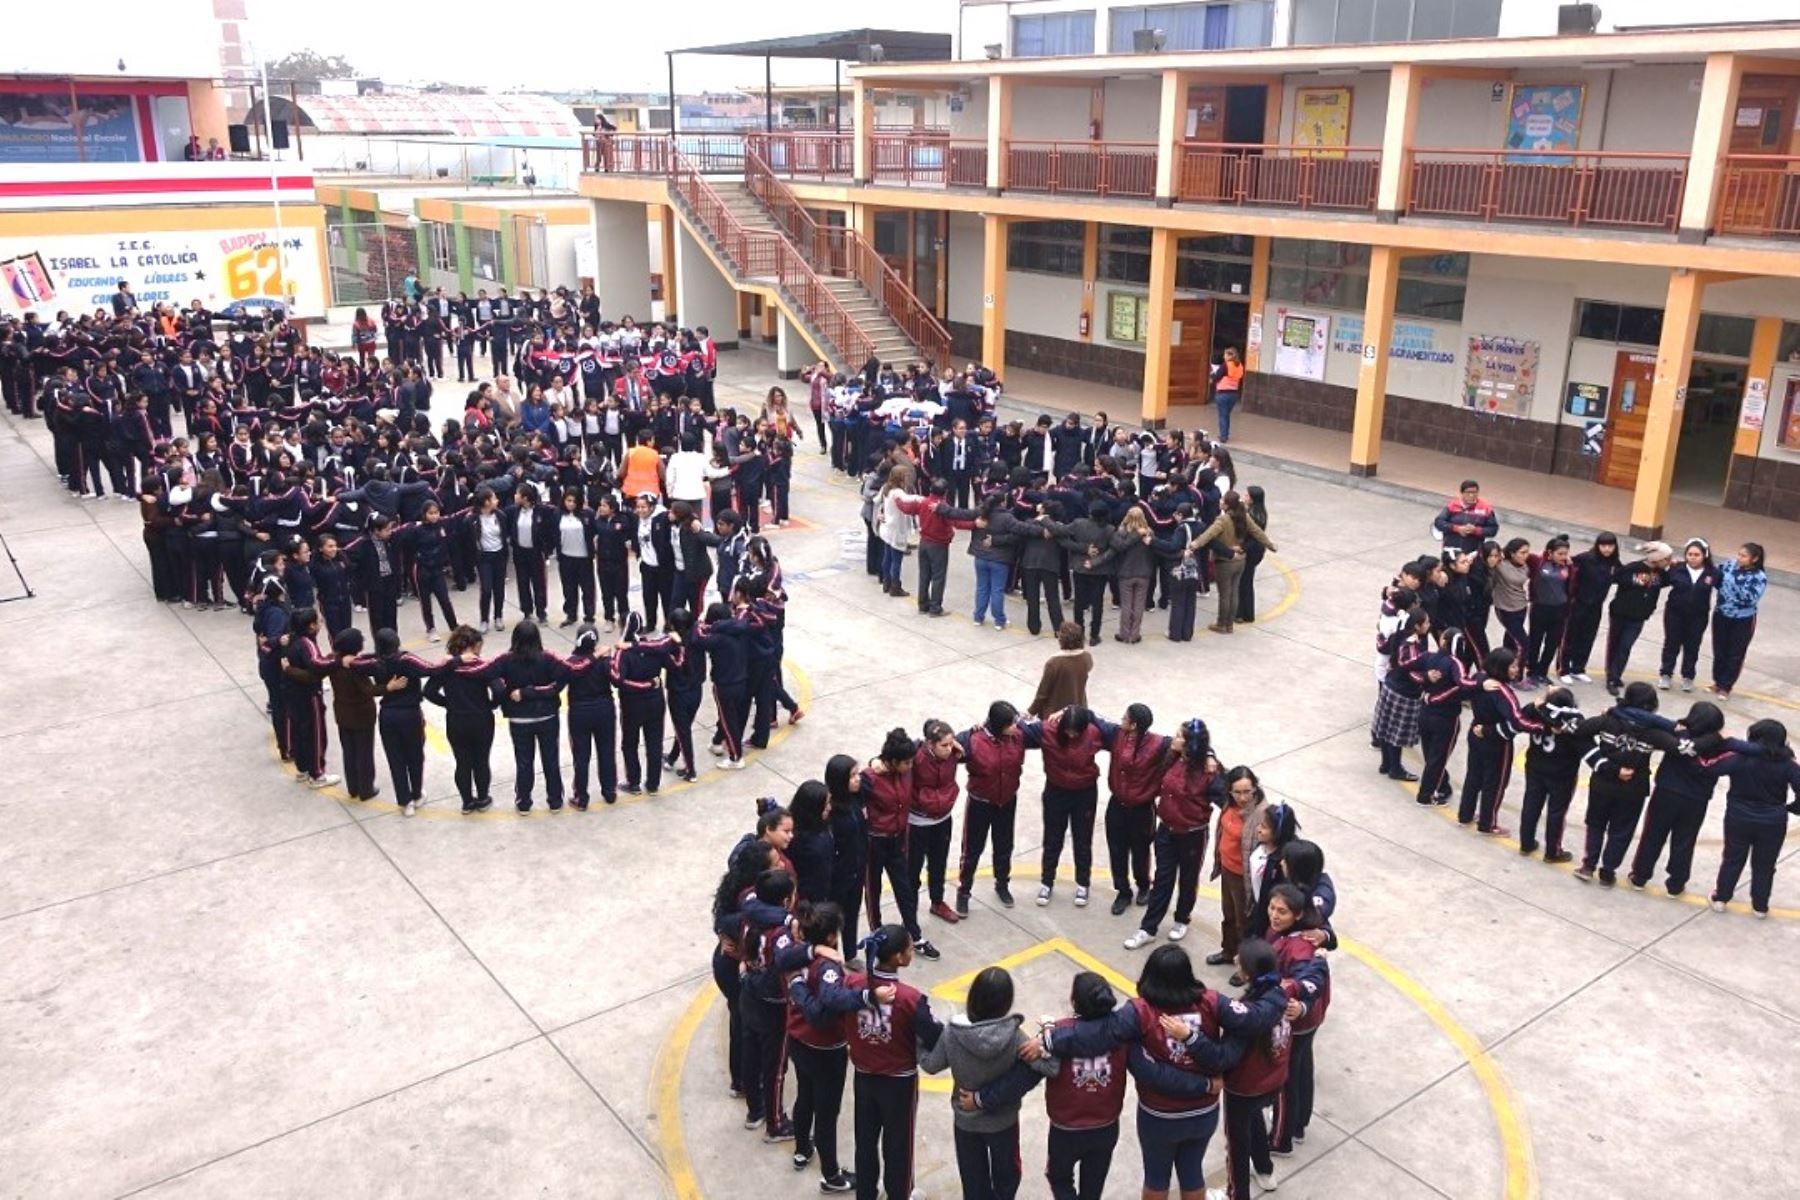 Simulacro de sismo: escolares están mejor preparados para afrontar desastres. Foto: ANDINA/Minedu.